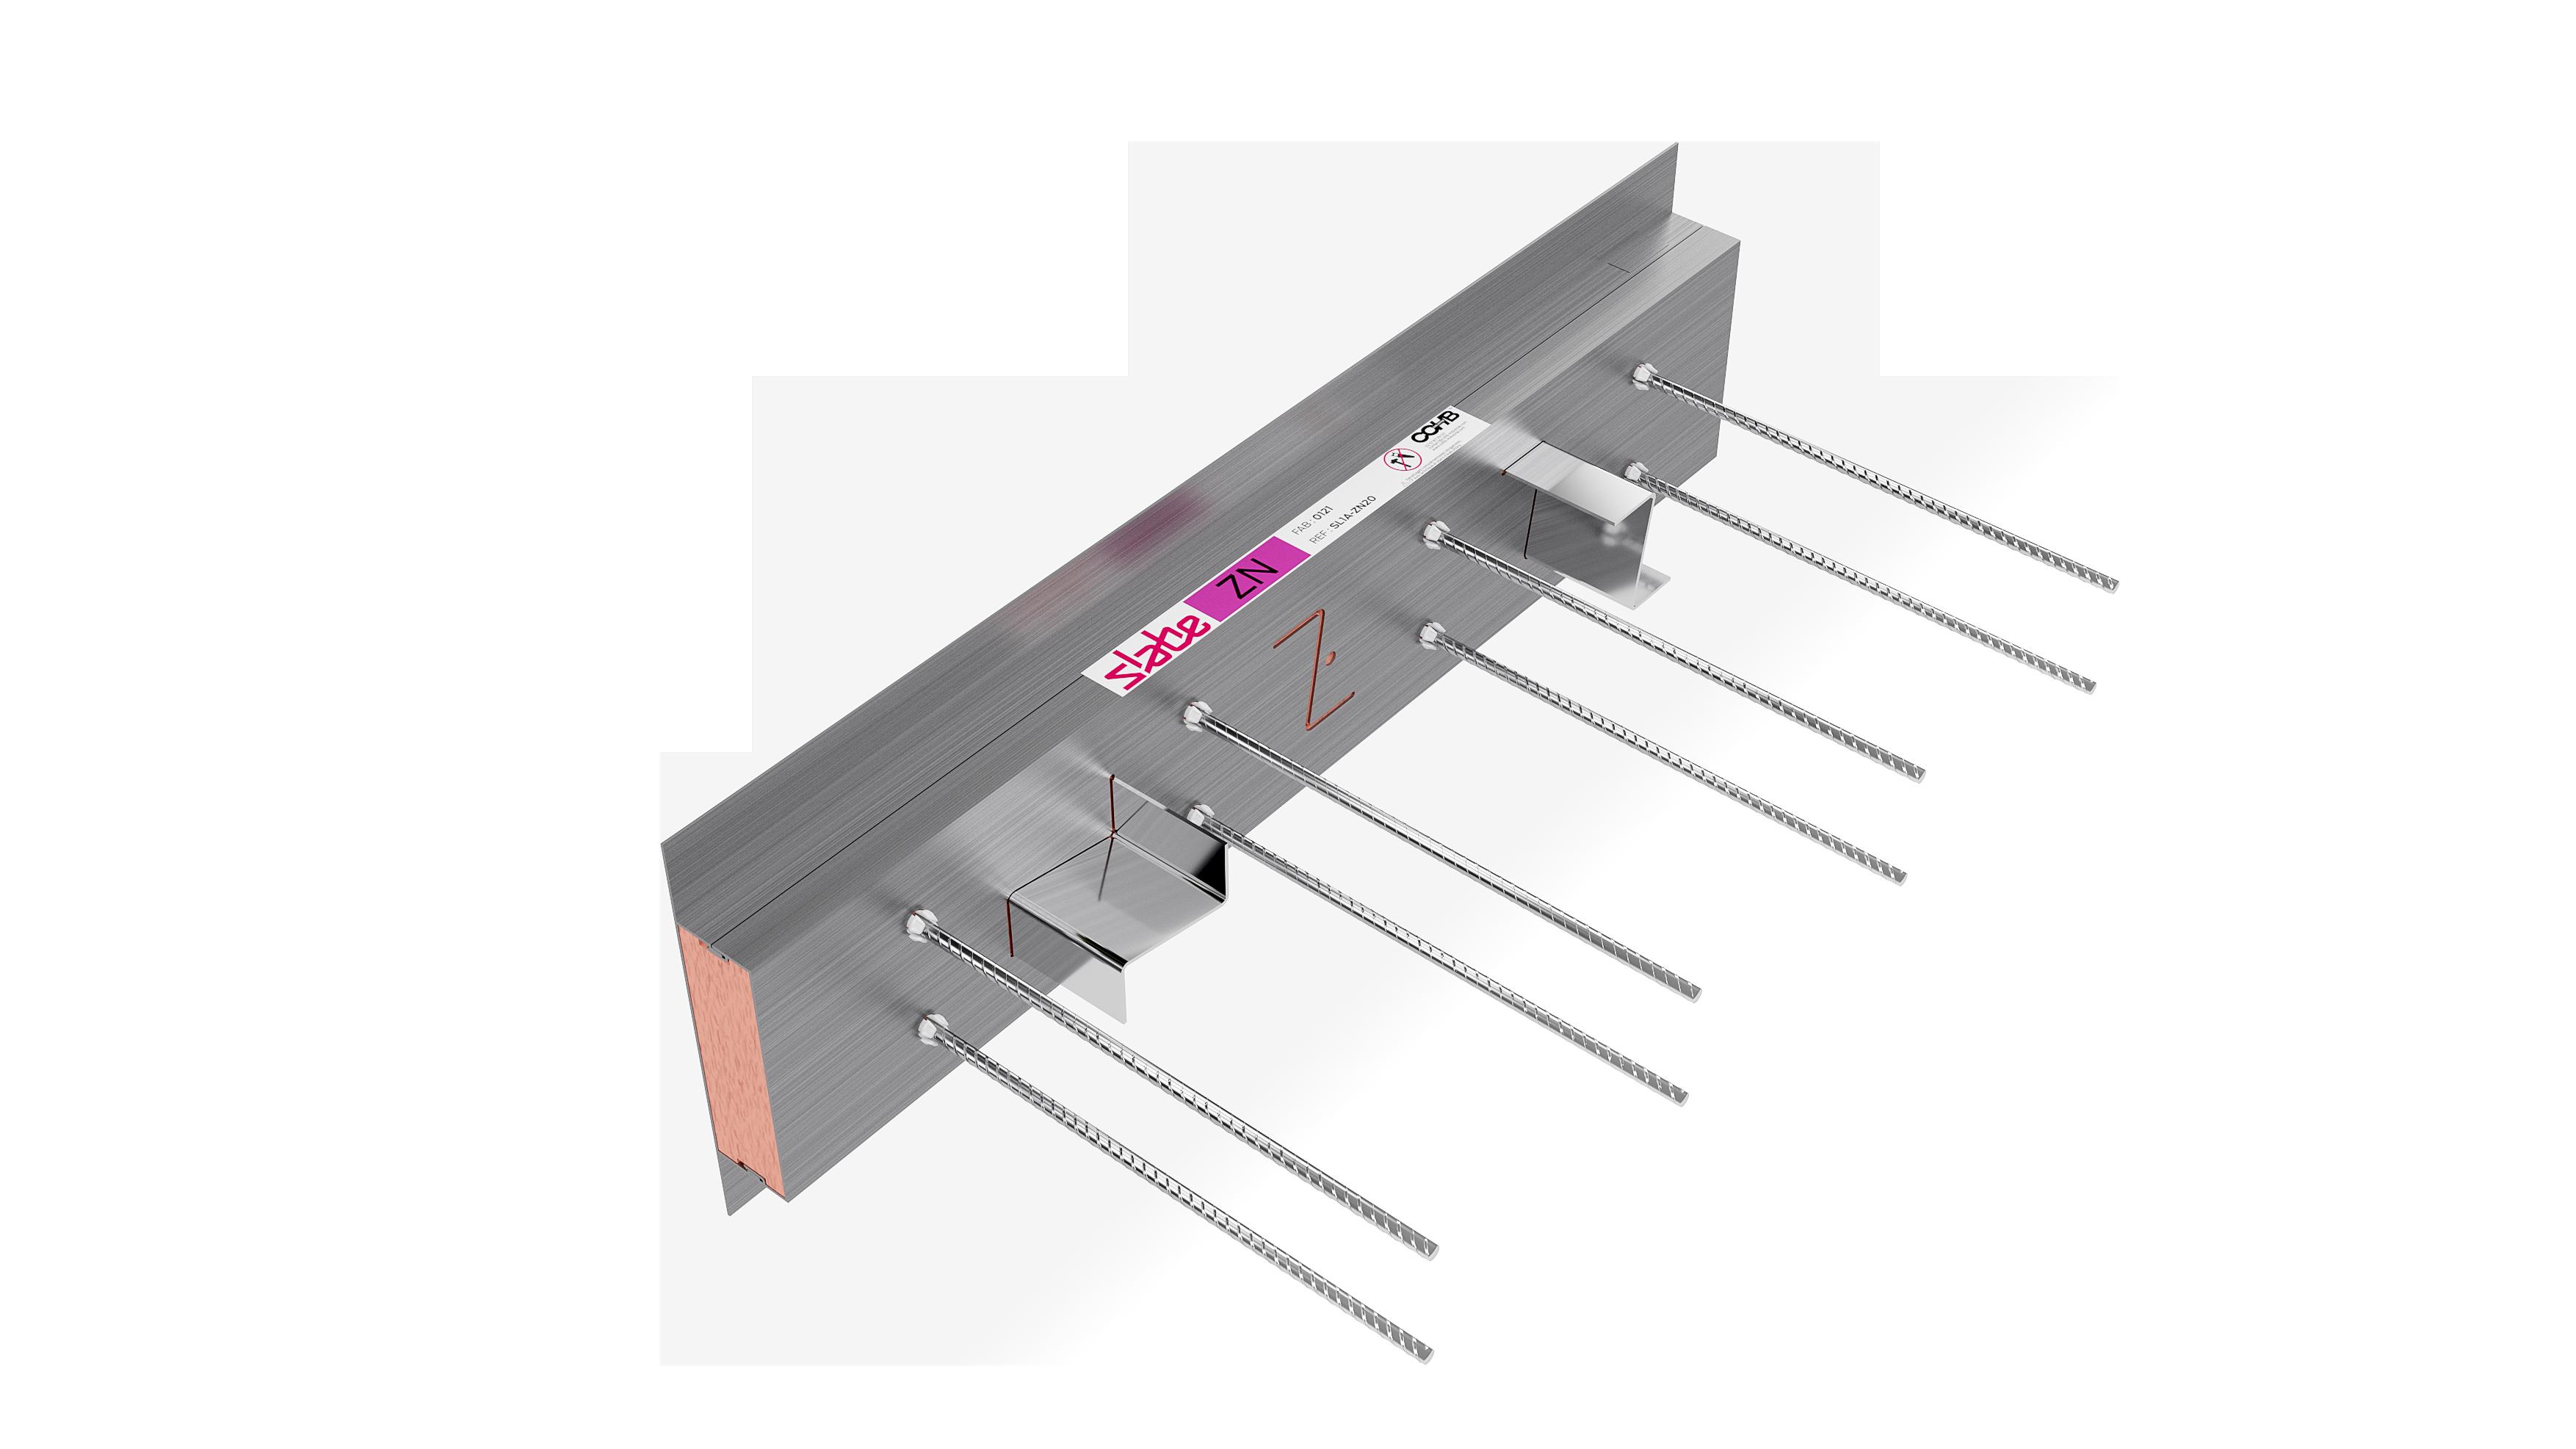 Le rupteur de ponts thermiques Slabe ZN fait partie des plus puissants de sa catégorie.